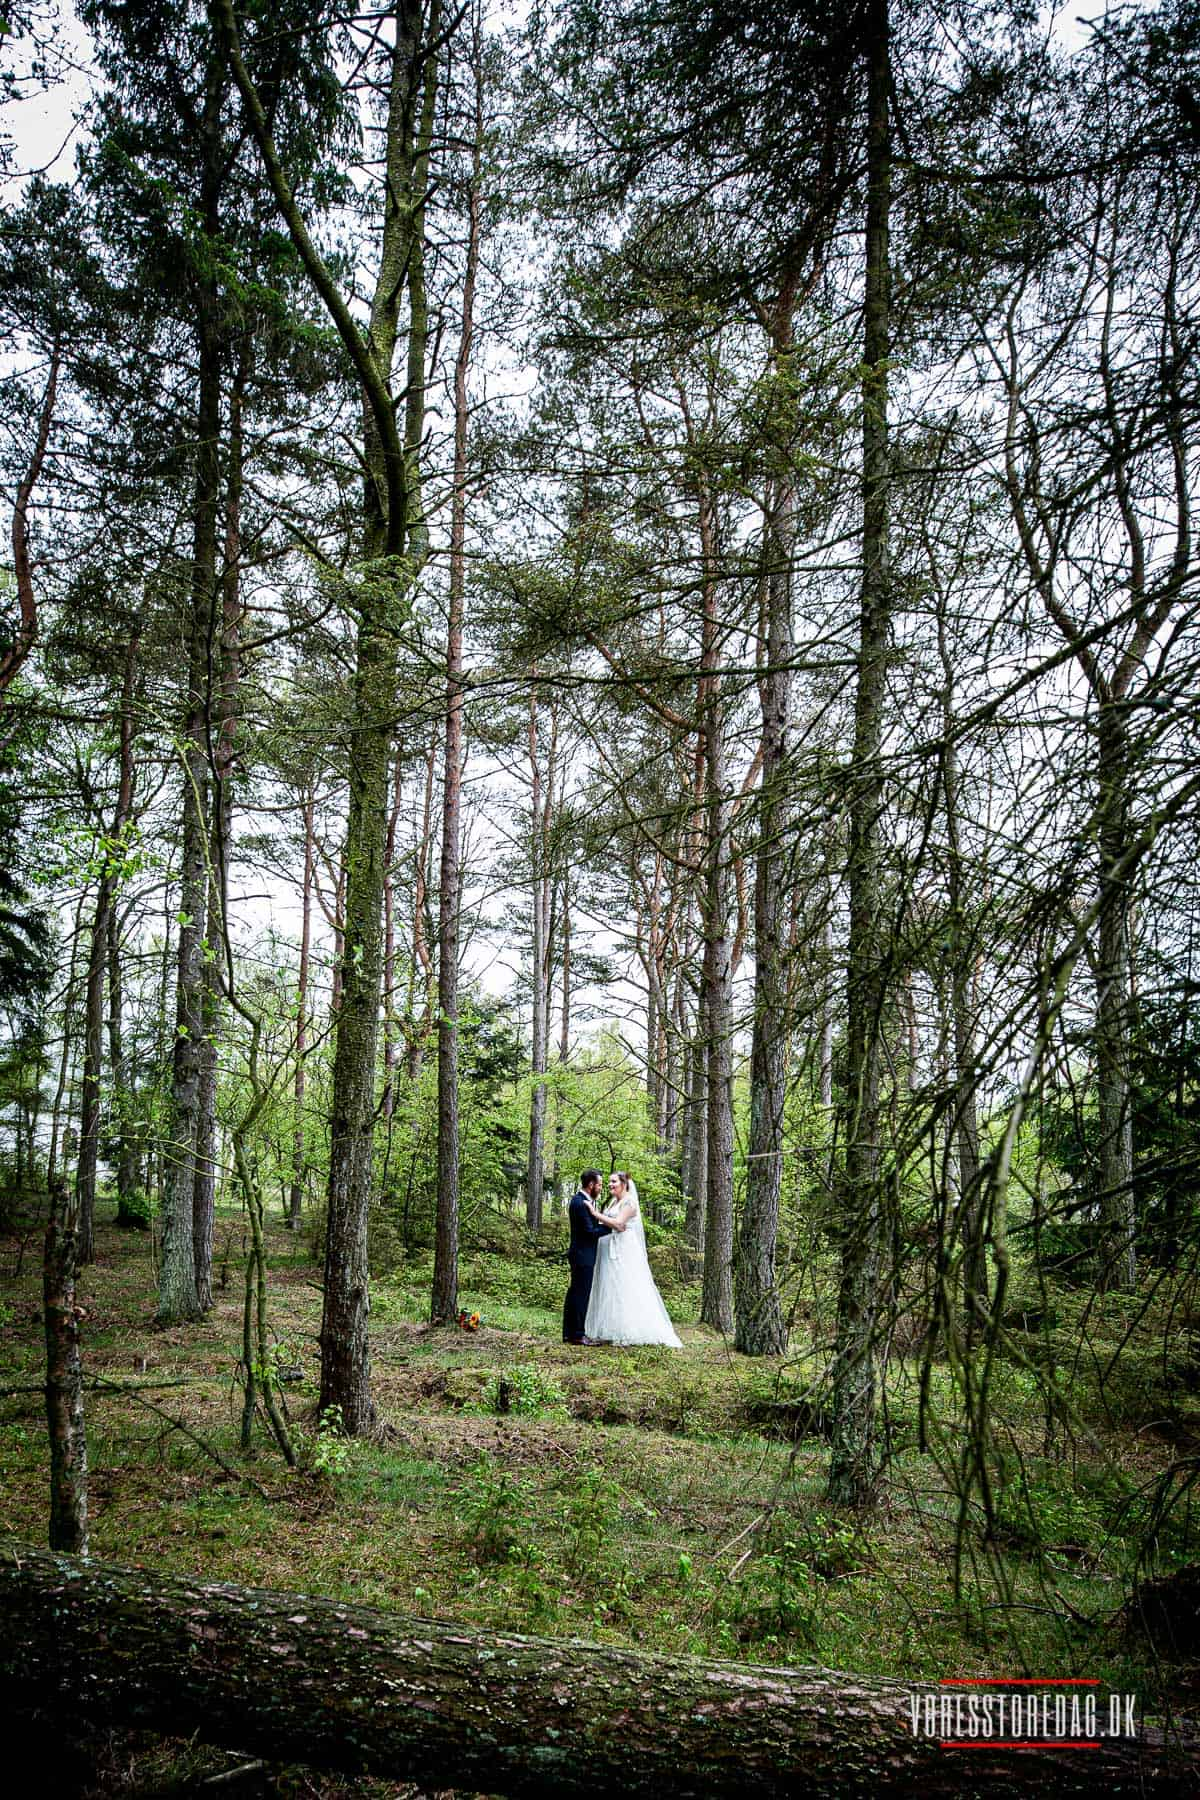 Bryllup og kirkelig velsignelse